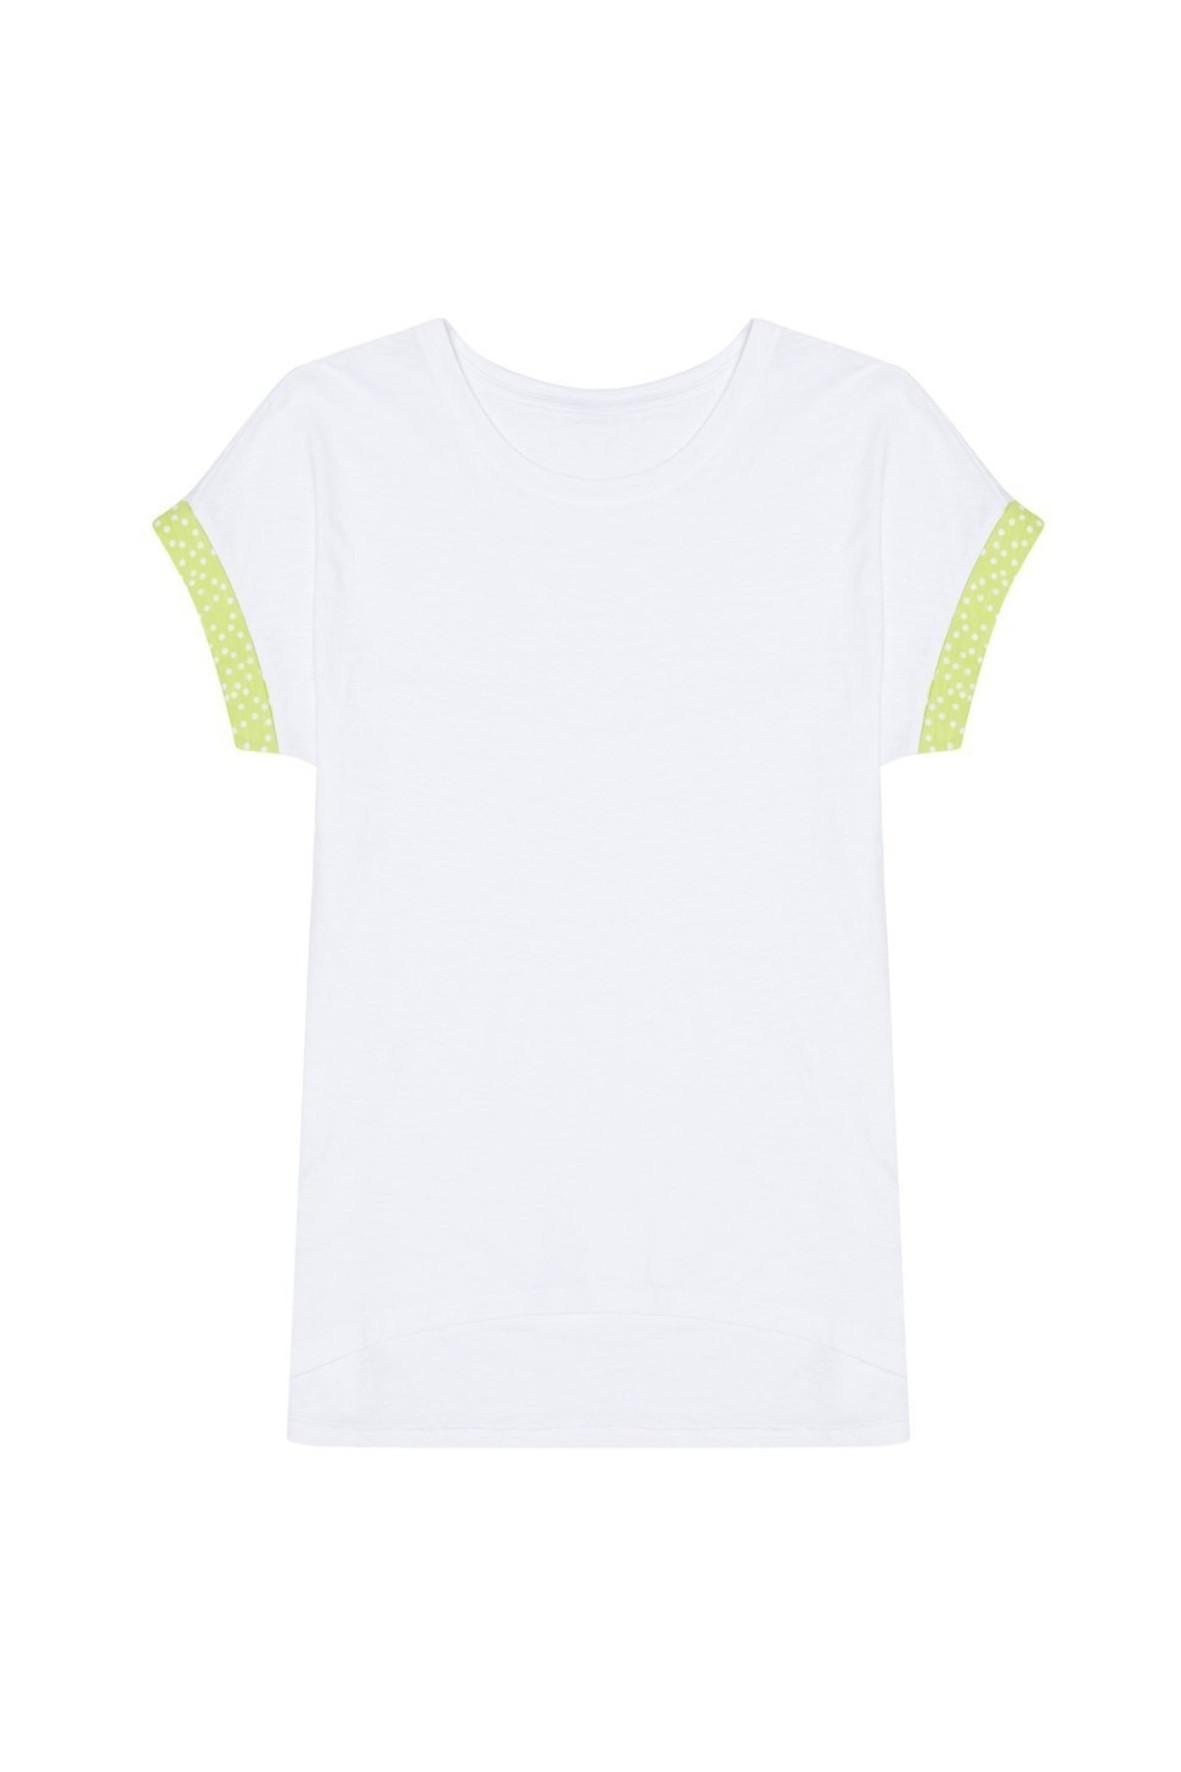 T-shirt damski bawełniany z ozdobnym rękawem